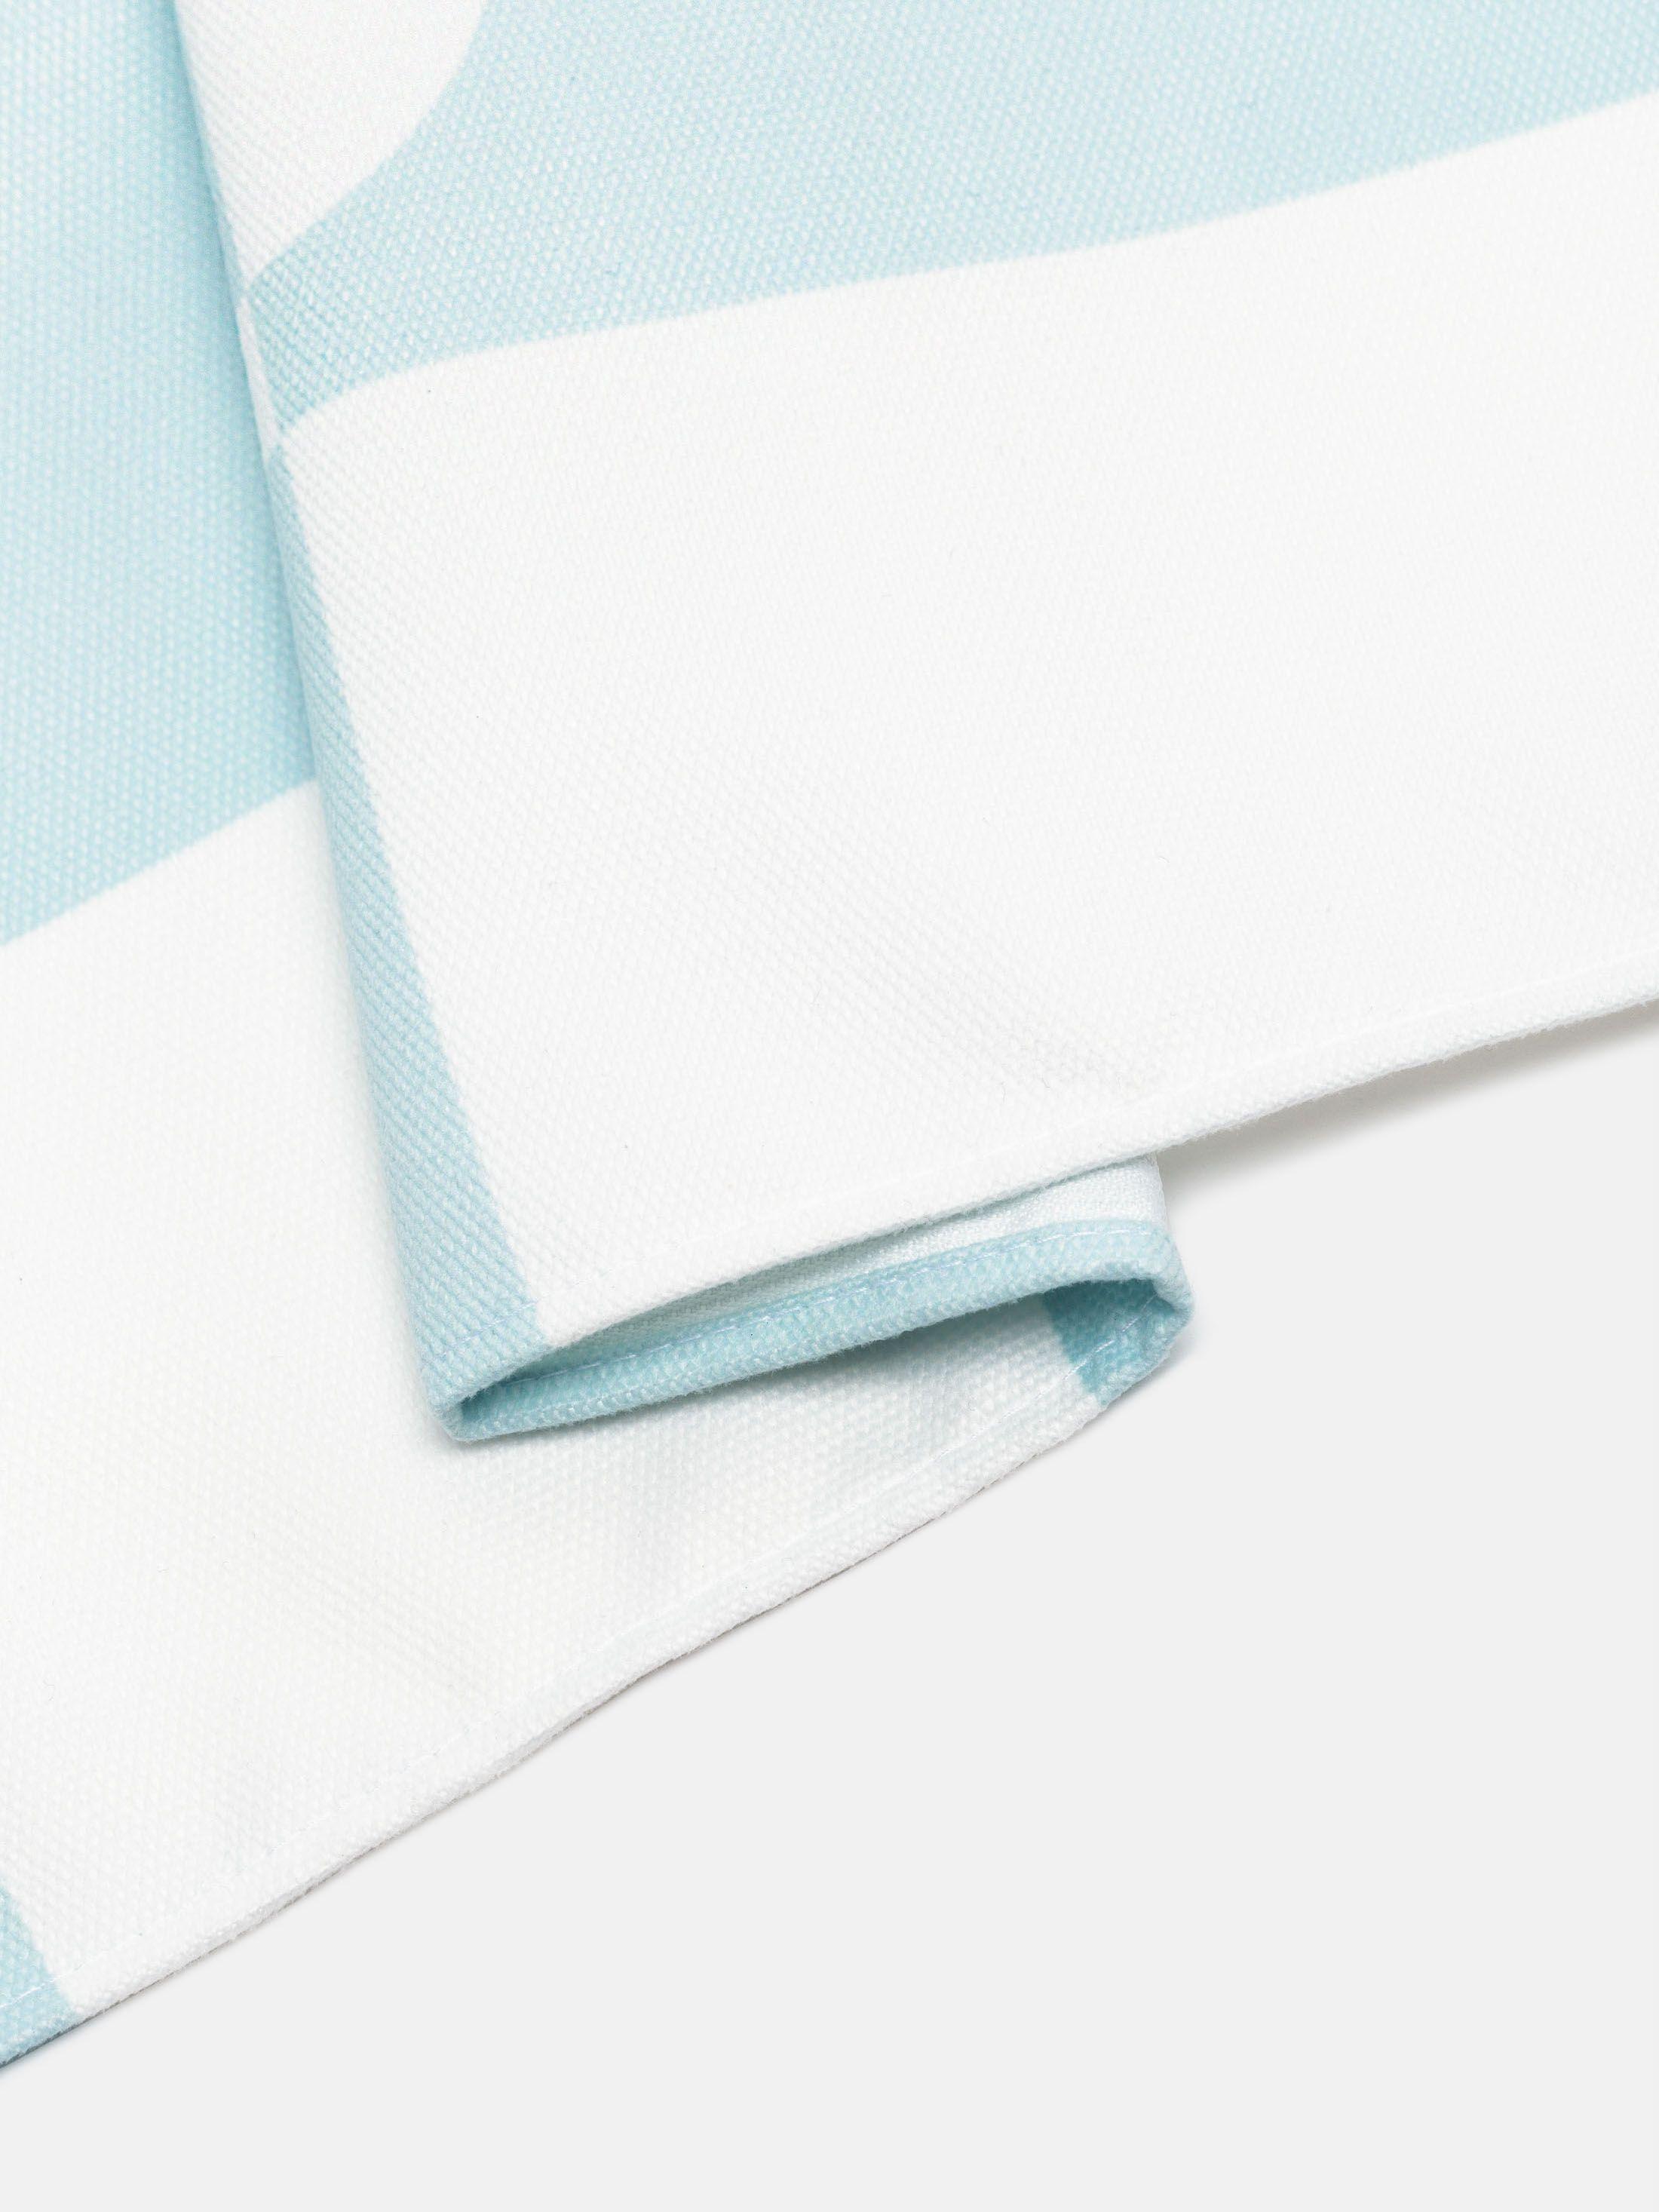 Détails d'impression sur nappe avec design